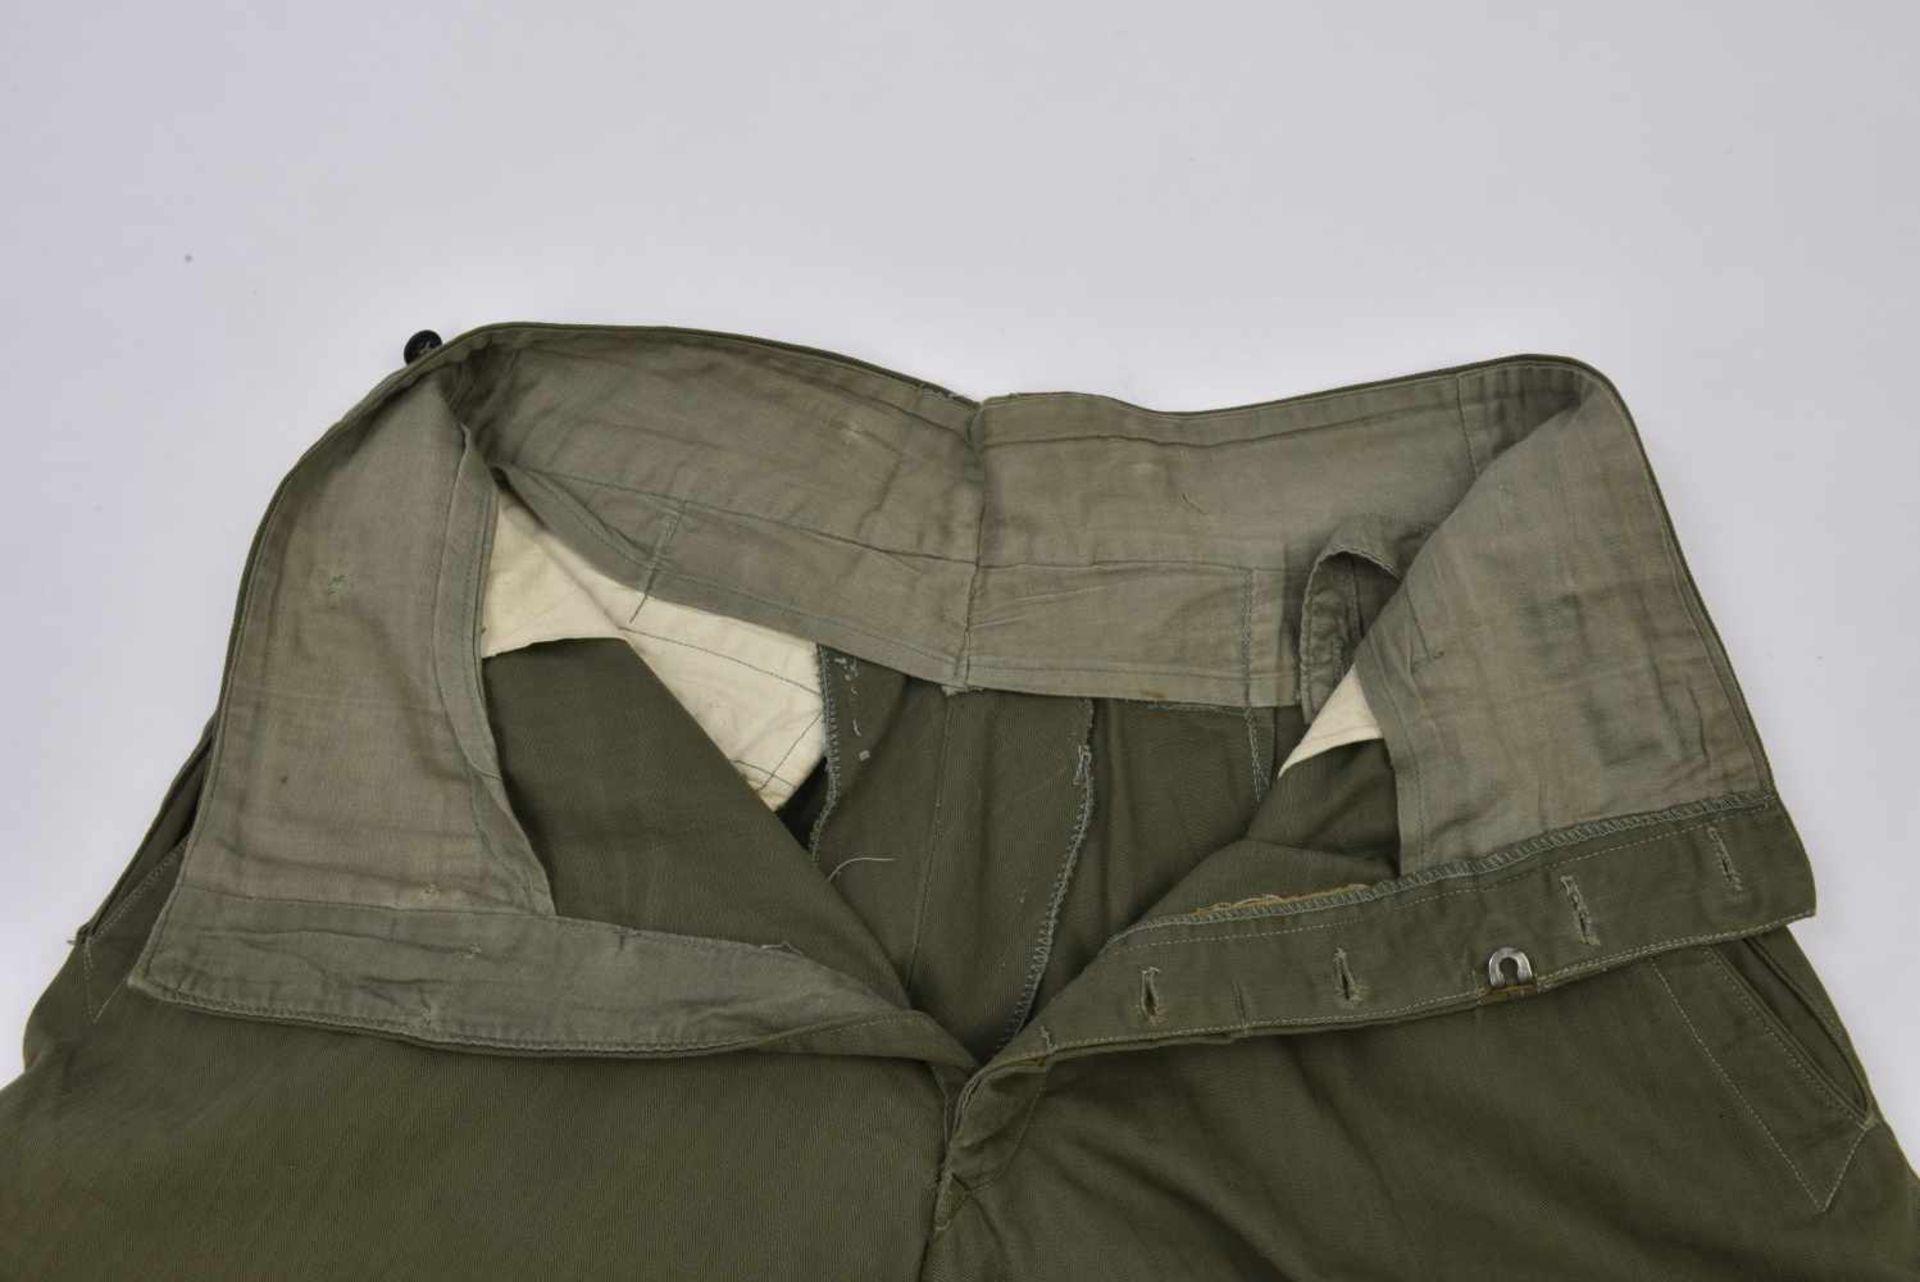 Culotte troupe M.35 en drap HBT exemplaire pratiquement neuf, RARE ! M.35 trousers in the HBT cloth. - Bild 2 aus 4